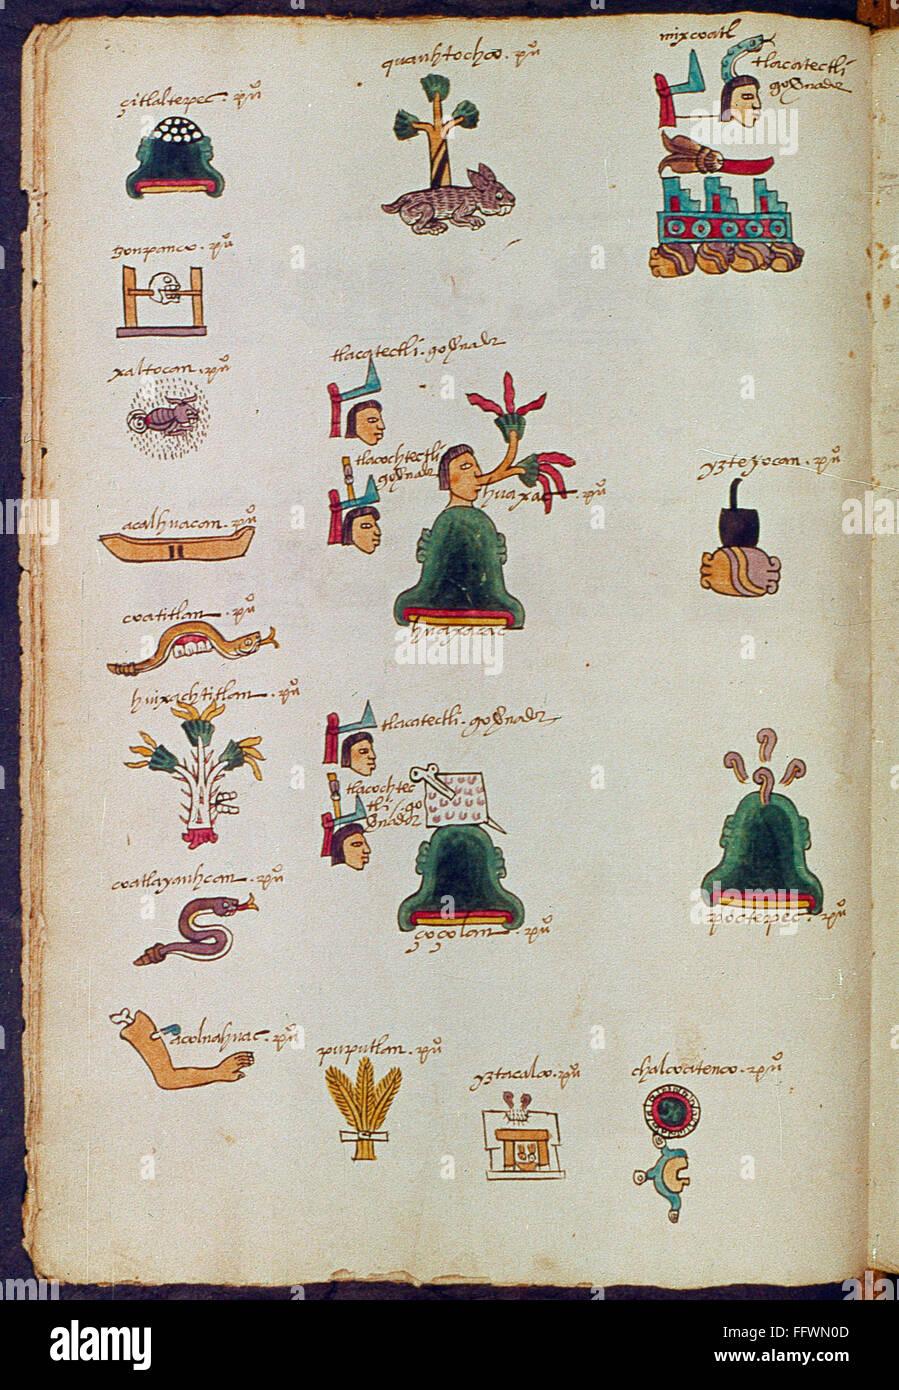 Mexico Aztec Codex Naztec Writing Using Symbols Manuscript Stock